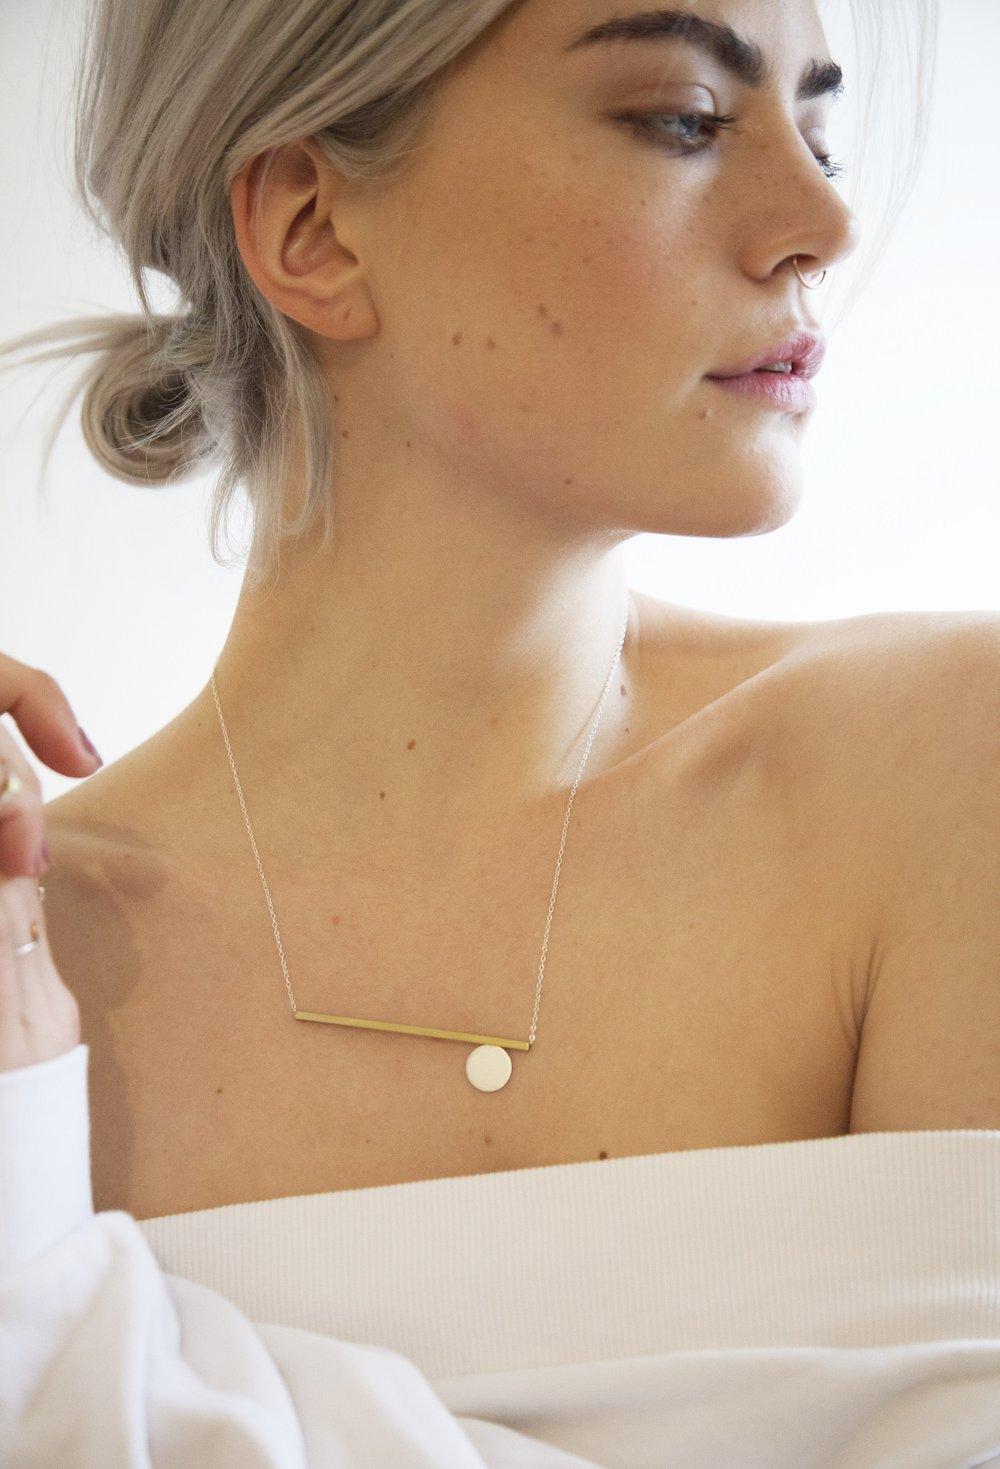 Megan Collins Jewellery - Drop necklace 1634x2400.jpg